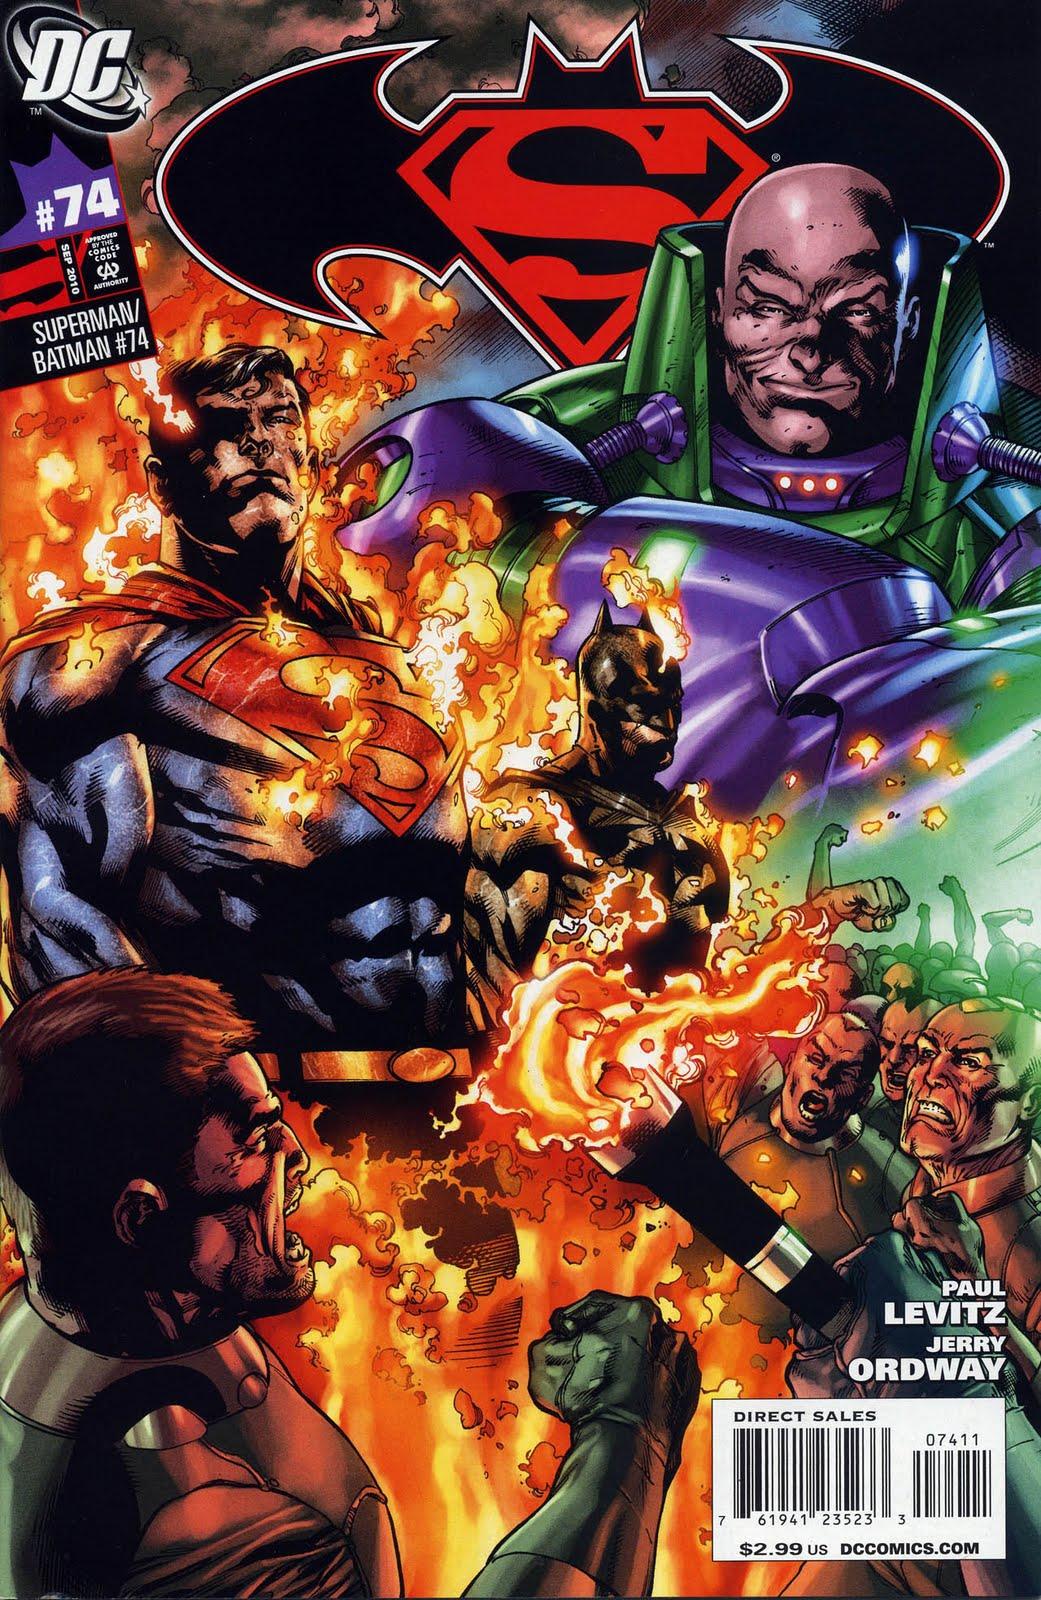 http://4.bp.blogspot.com/_FPAetrvLhD4/TE1tIzDJ0hI/AAAAAAAABCc/9hZ-BNsMuHY/s1600/Superman%2BBatman%2B074001.jpg